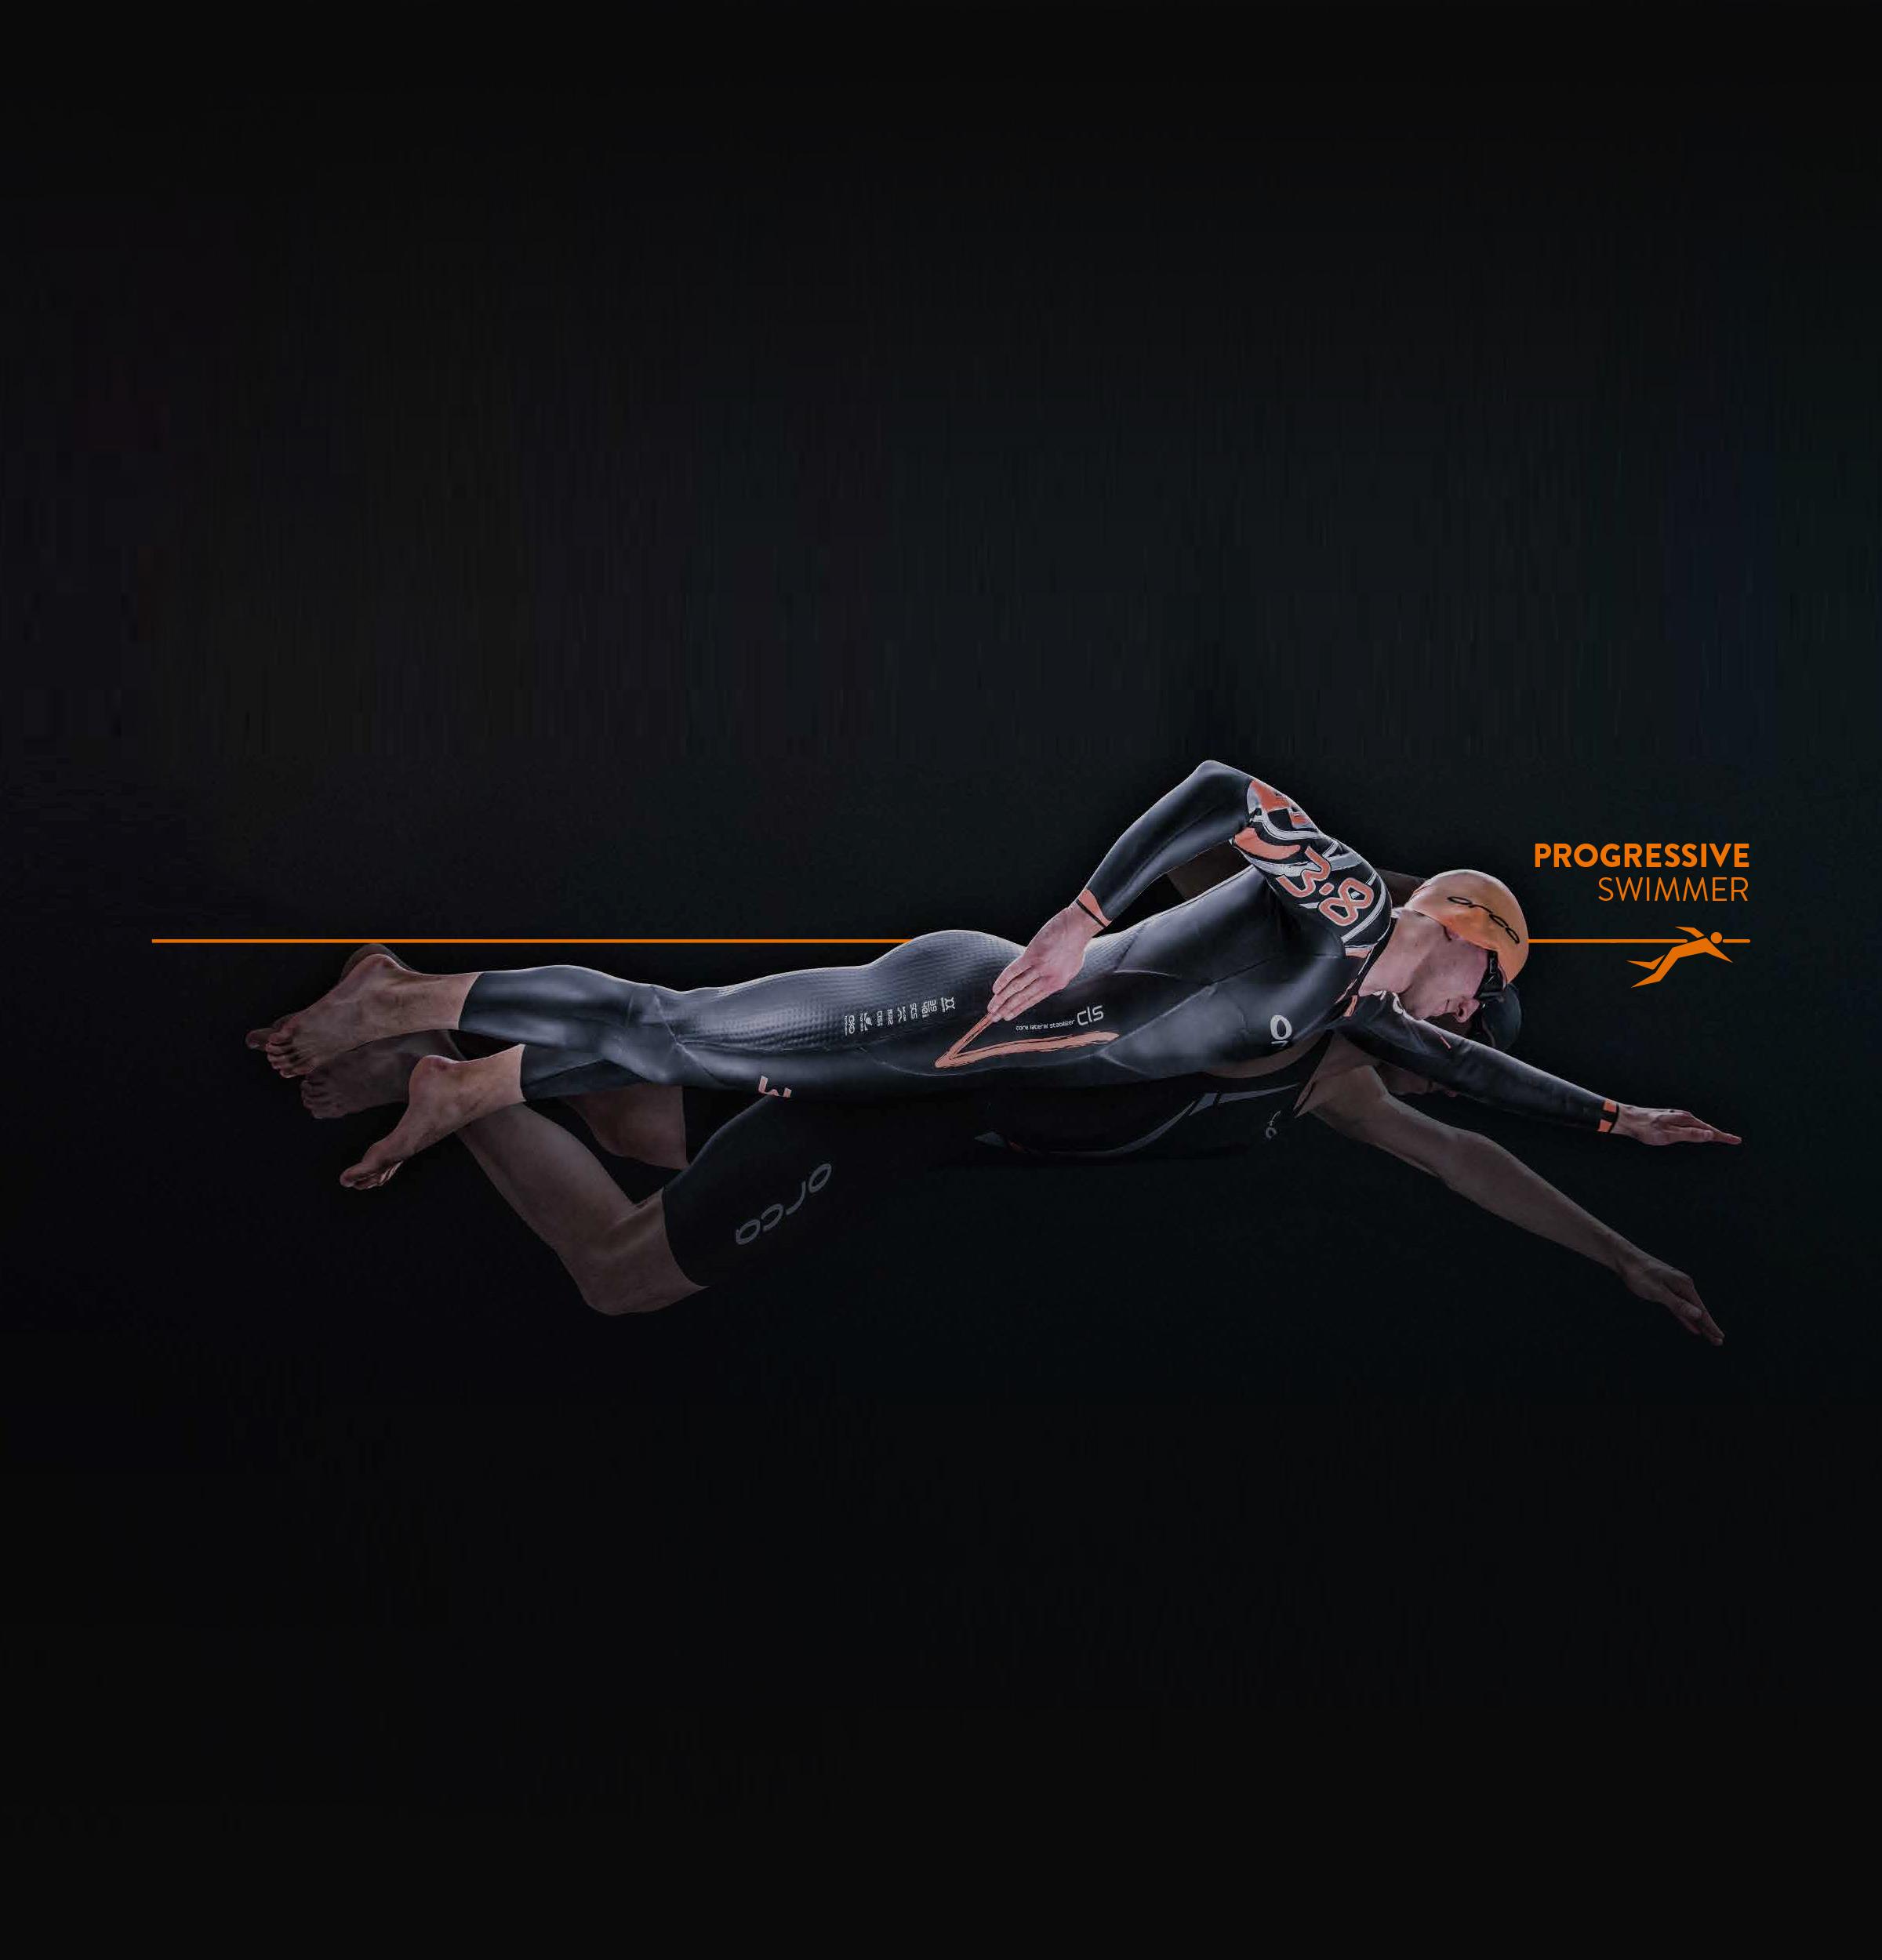 progressive-swimmer.jpg